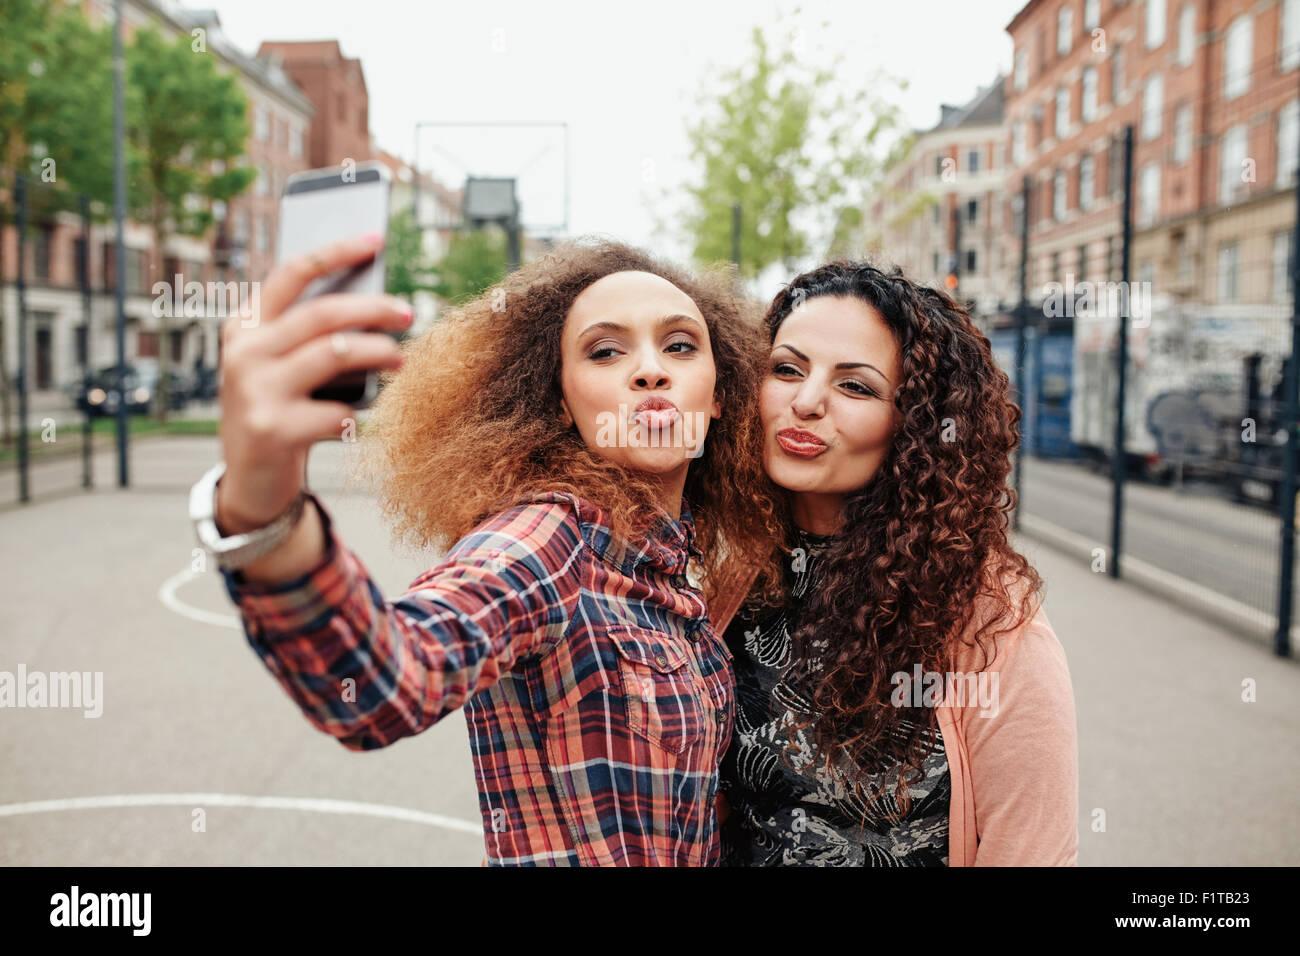 Glückliche junge Mädchen schmollen und Pose für ein Selbstporträt. Junge Freundinnen nehmen Stockbild